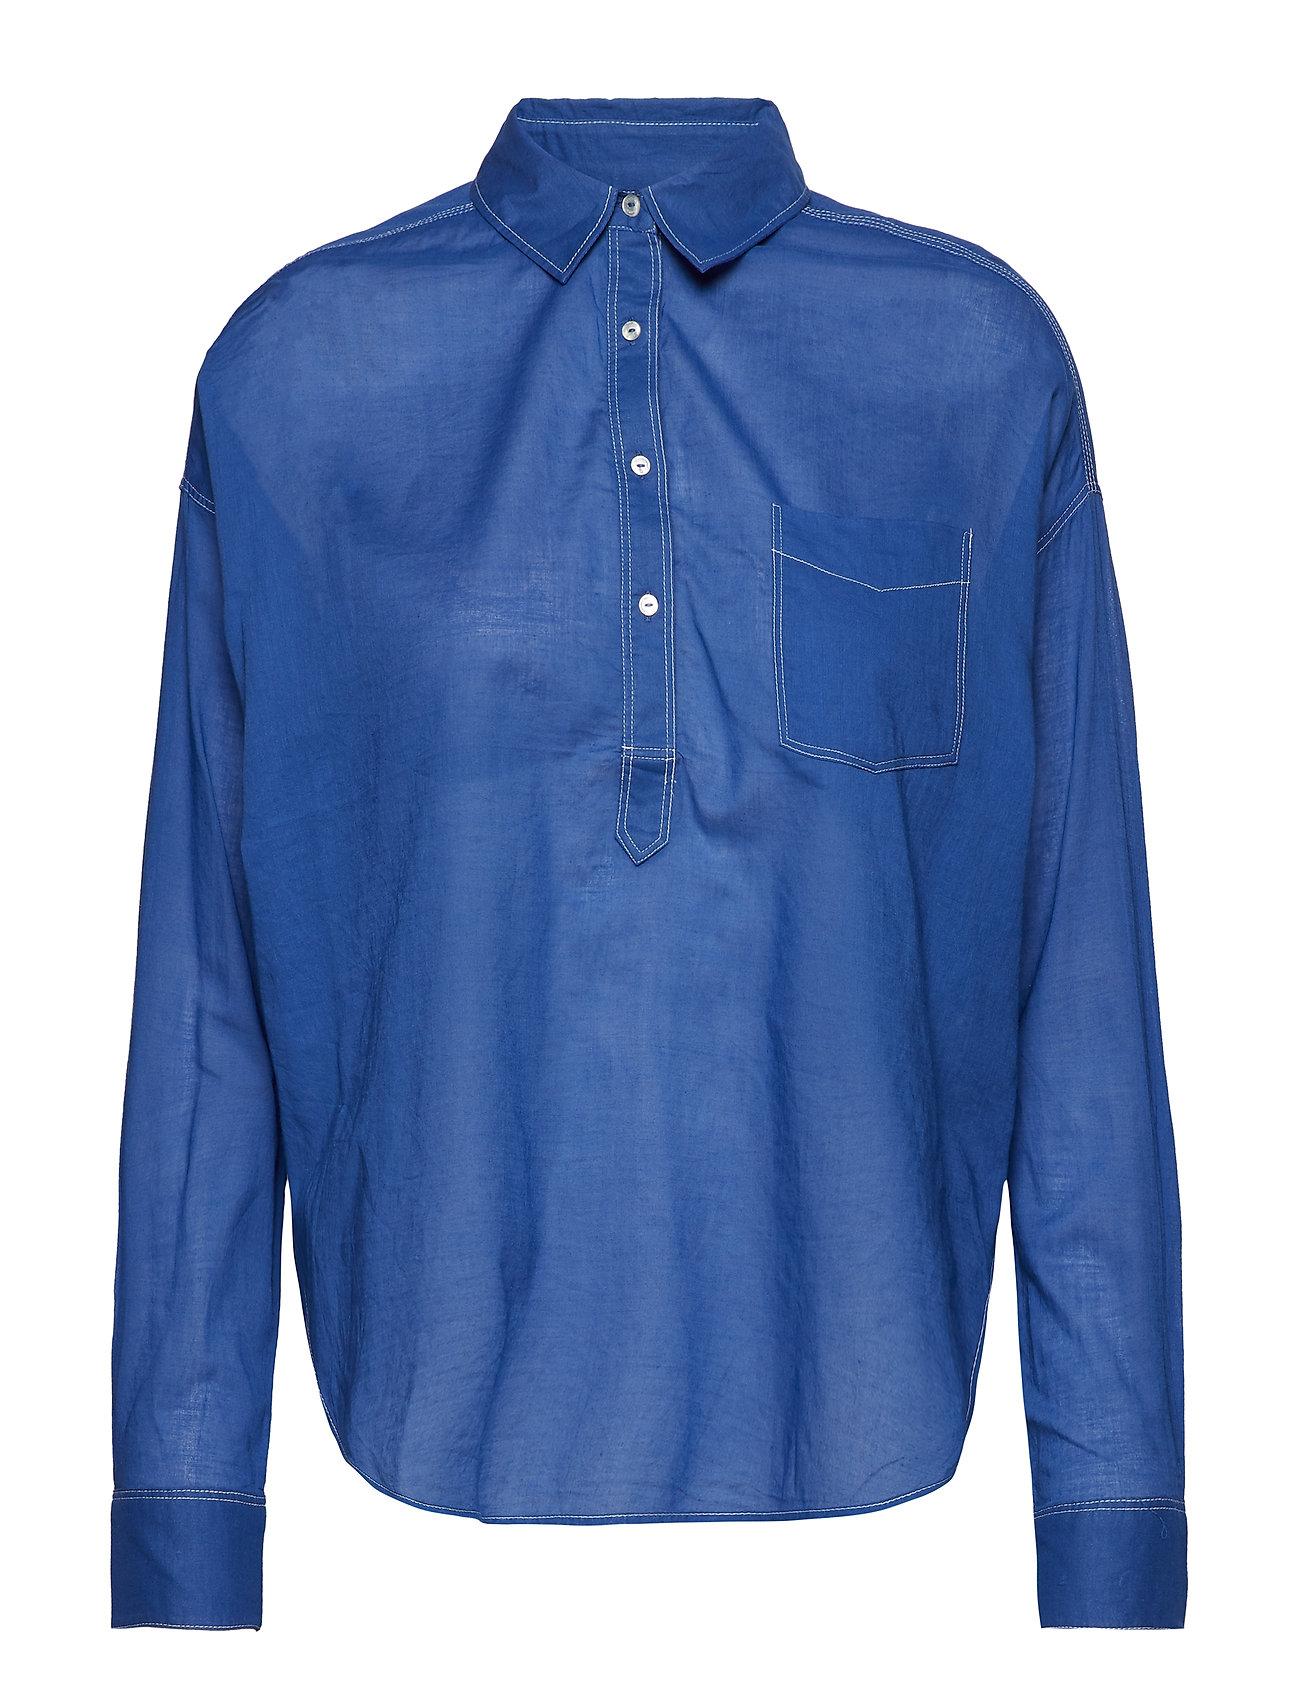 Scotch & Soda Light weight cotton shirt - YINMIN BLUE